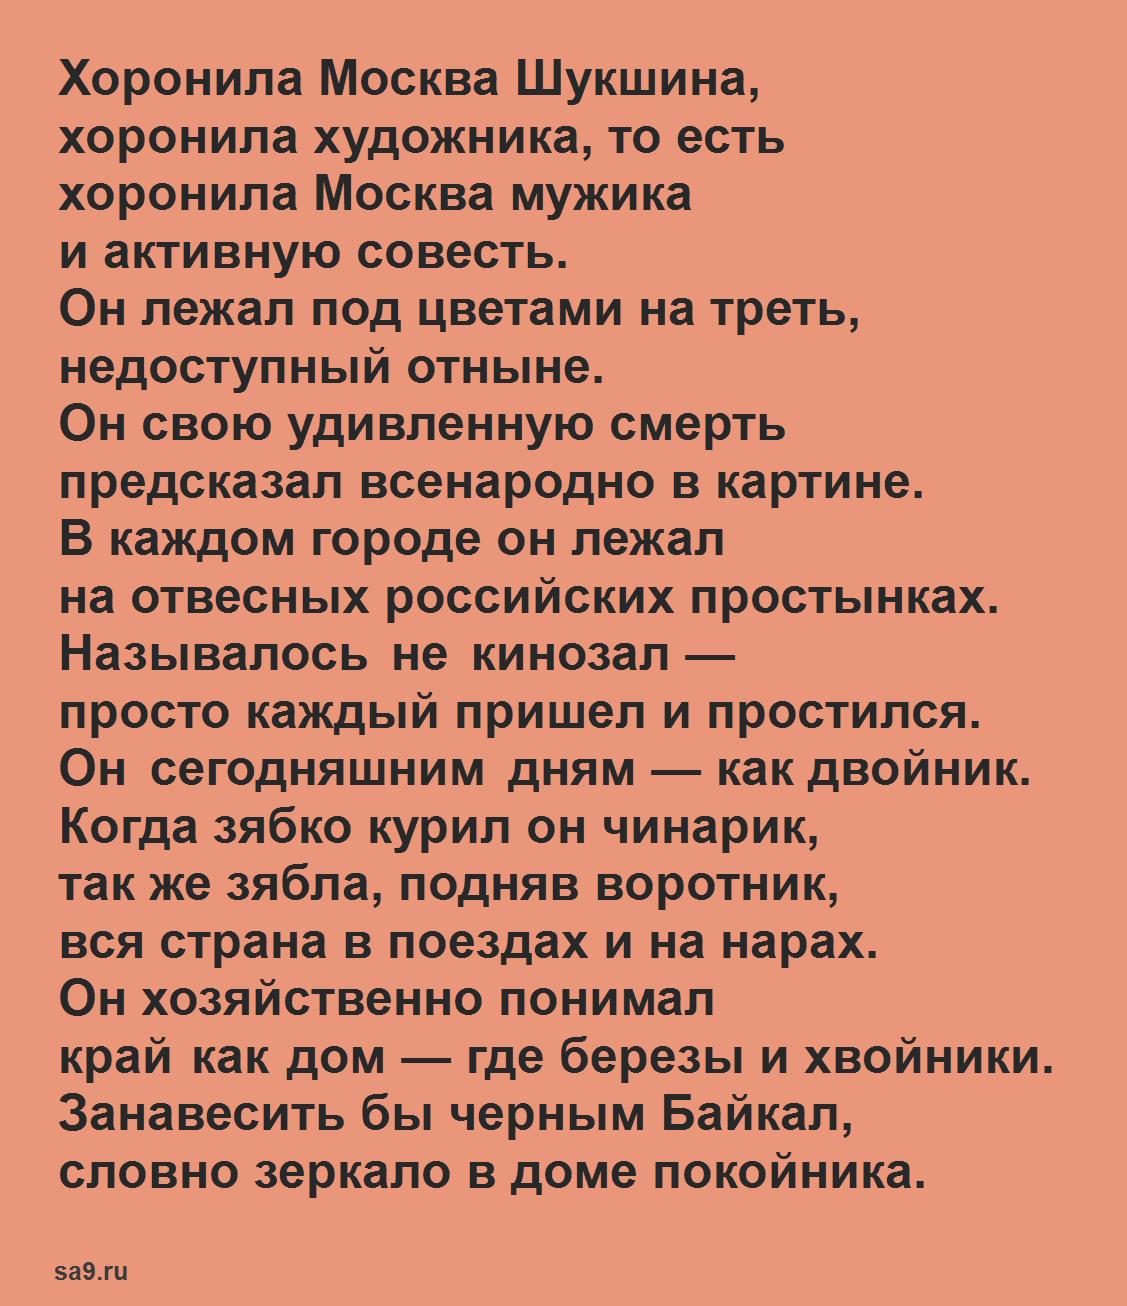 Вознесенский стихи 20 строк - Смерть Шукшина